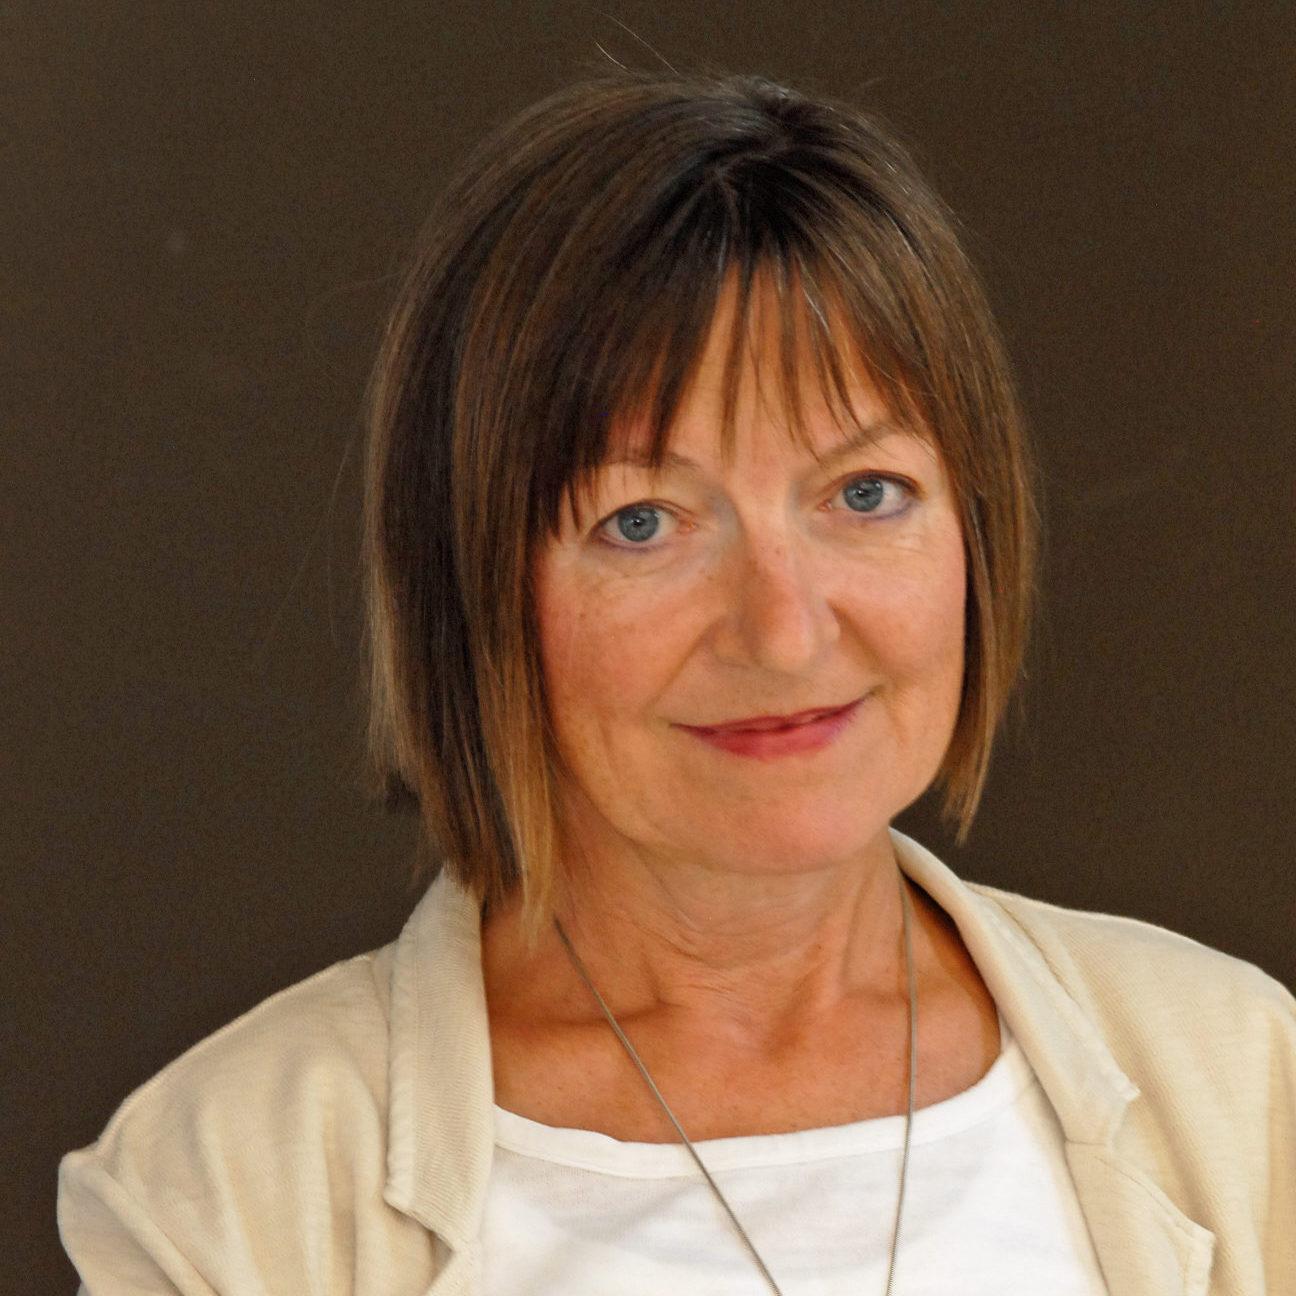 Josefine Marschall